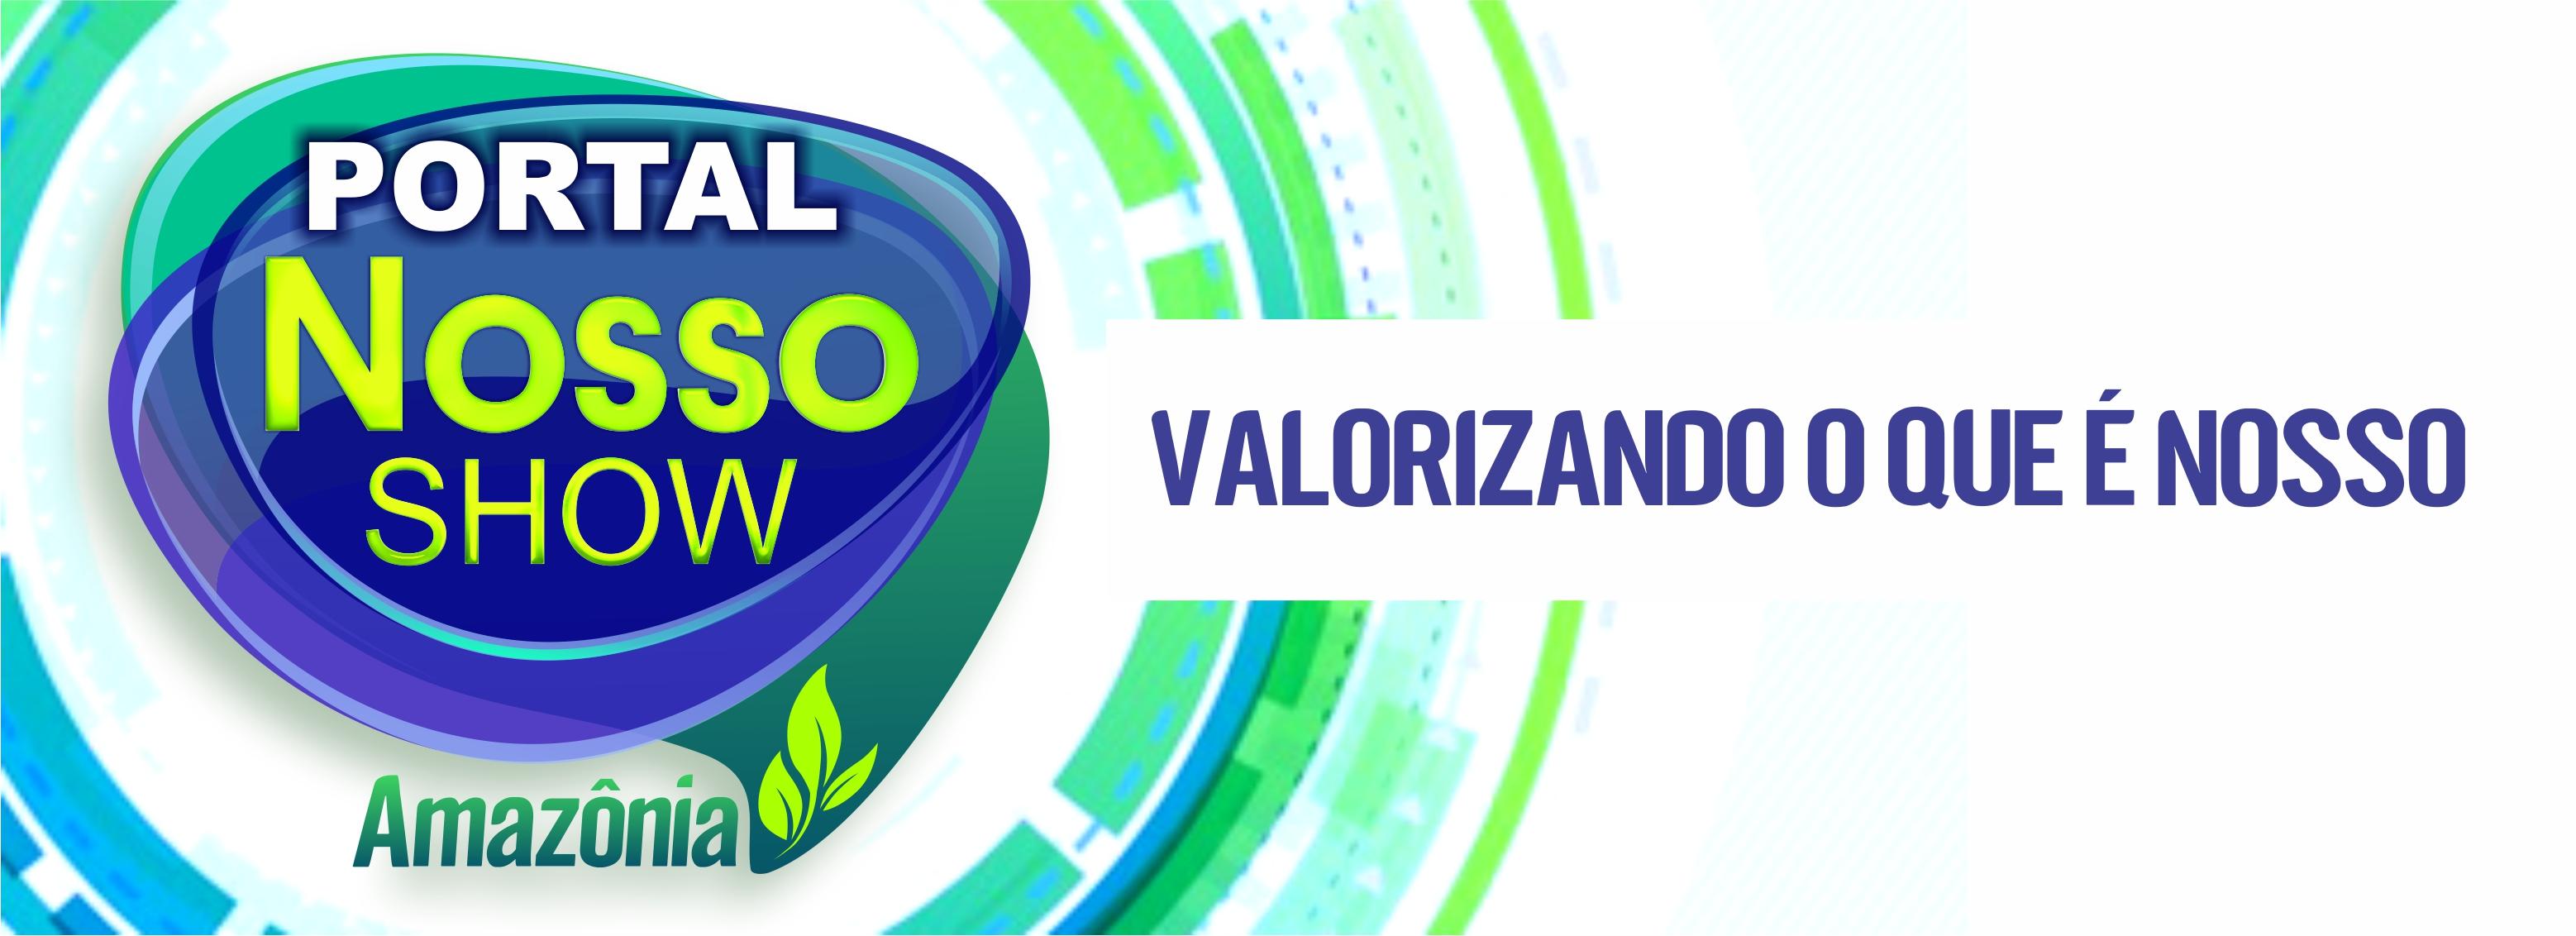 Portal Nosso Show Amazônia